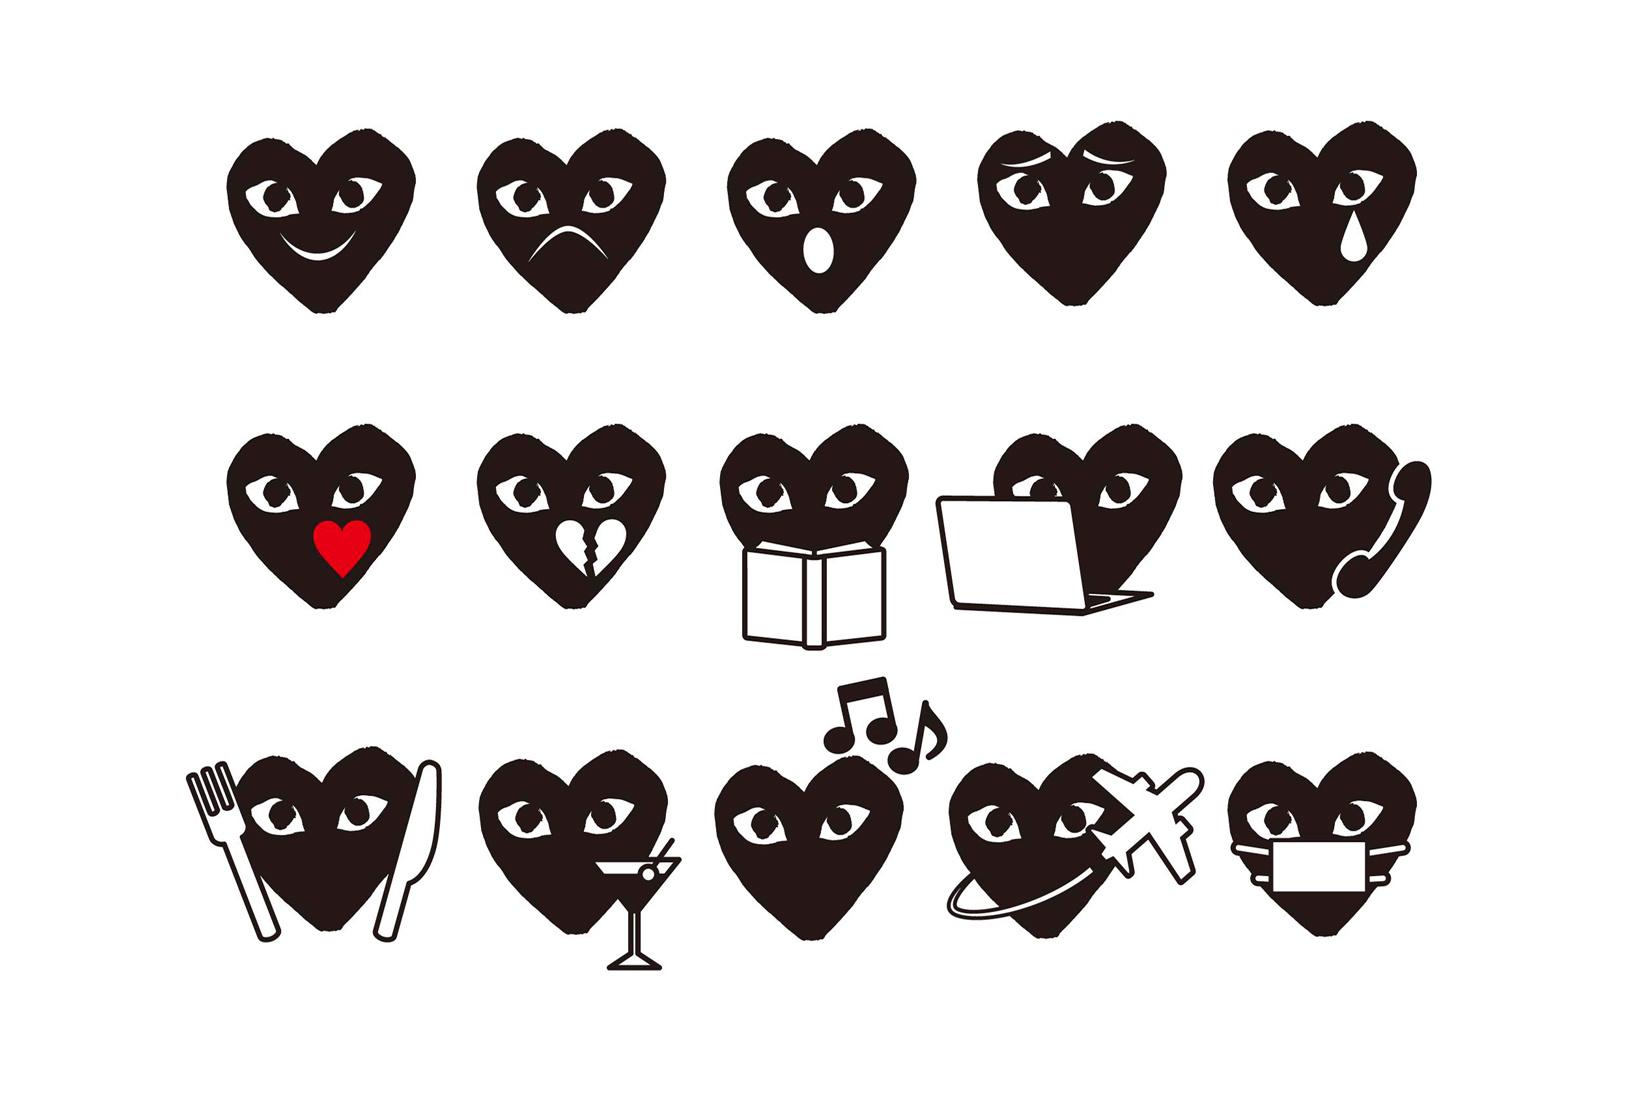 Comme des Garçons lance une large série d'emojis pour les vacances d'hiver